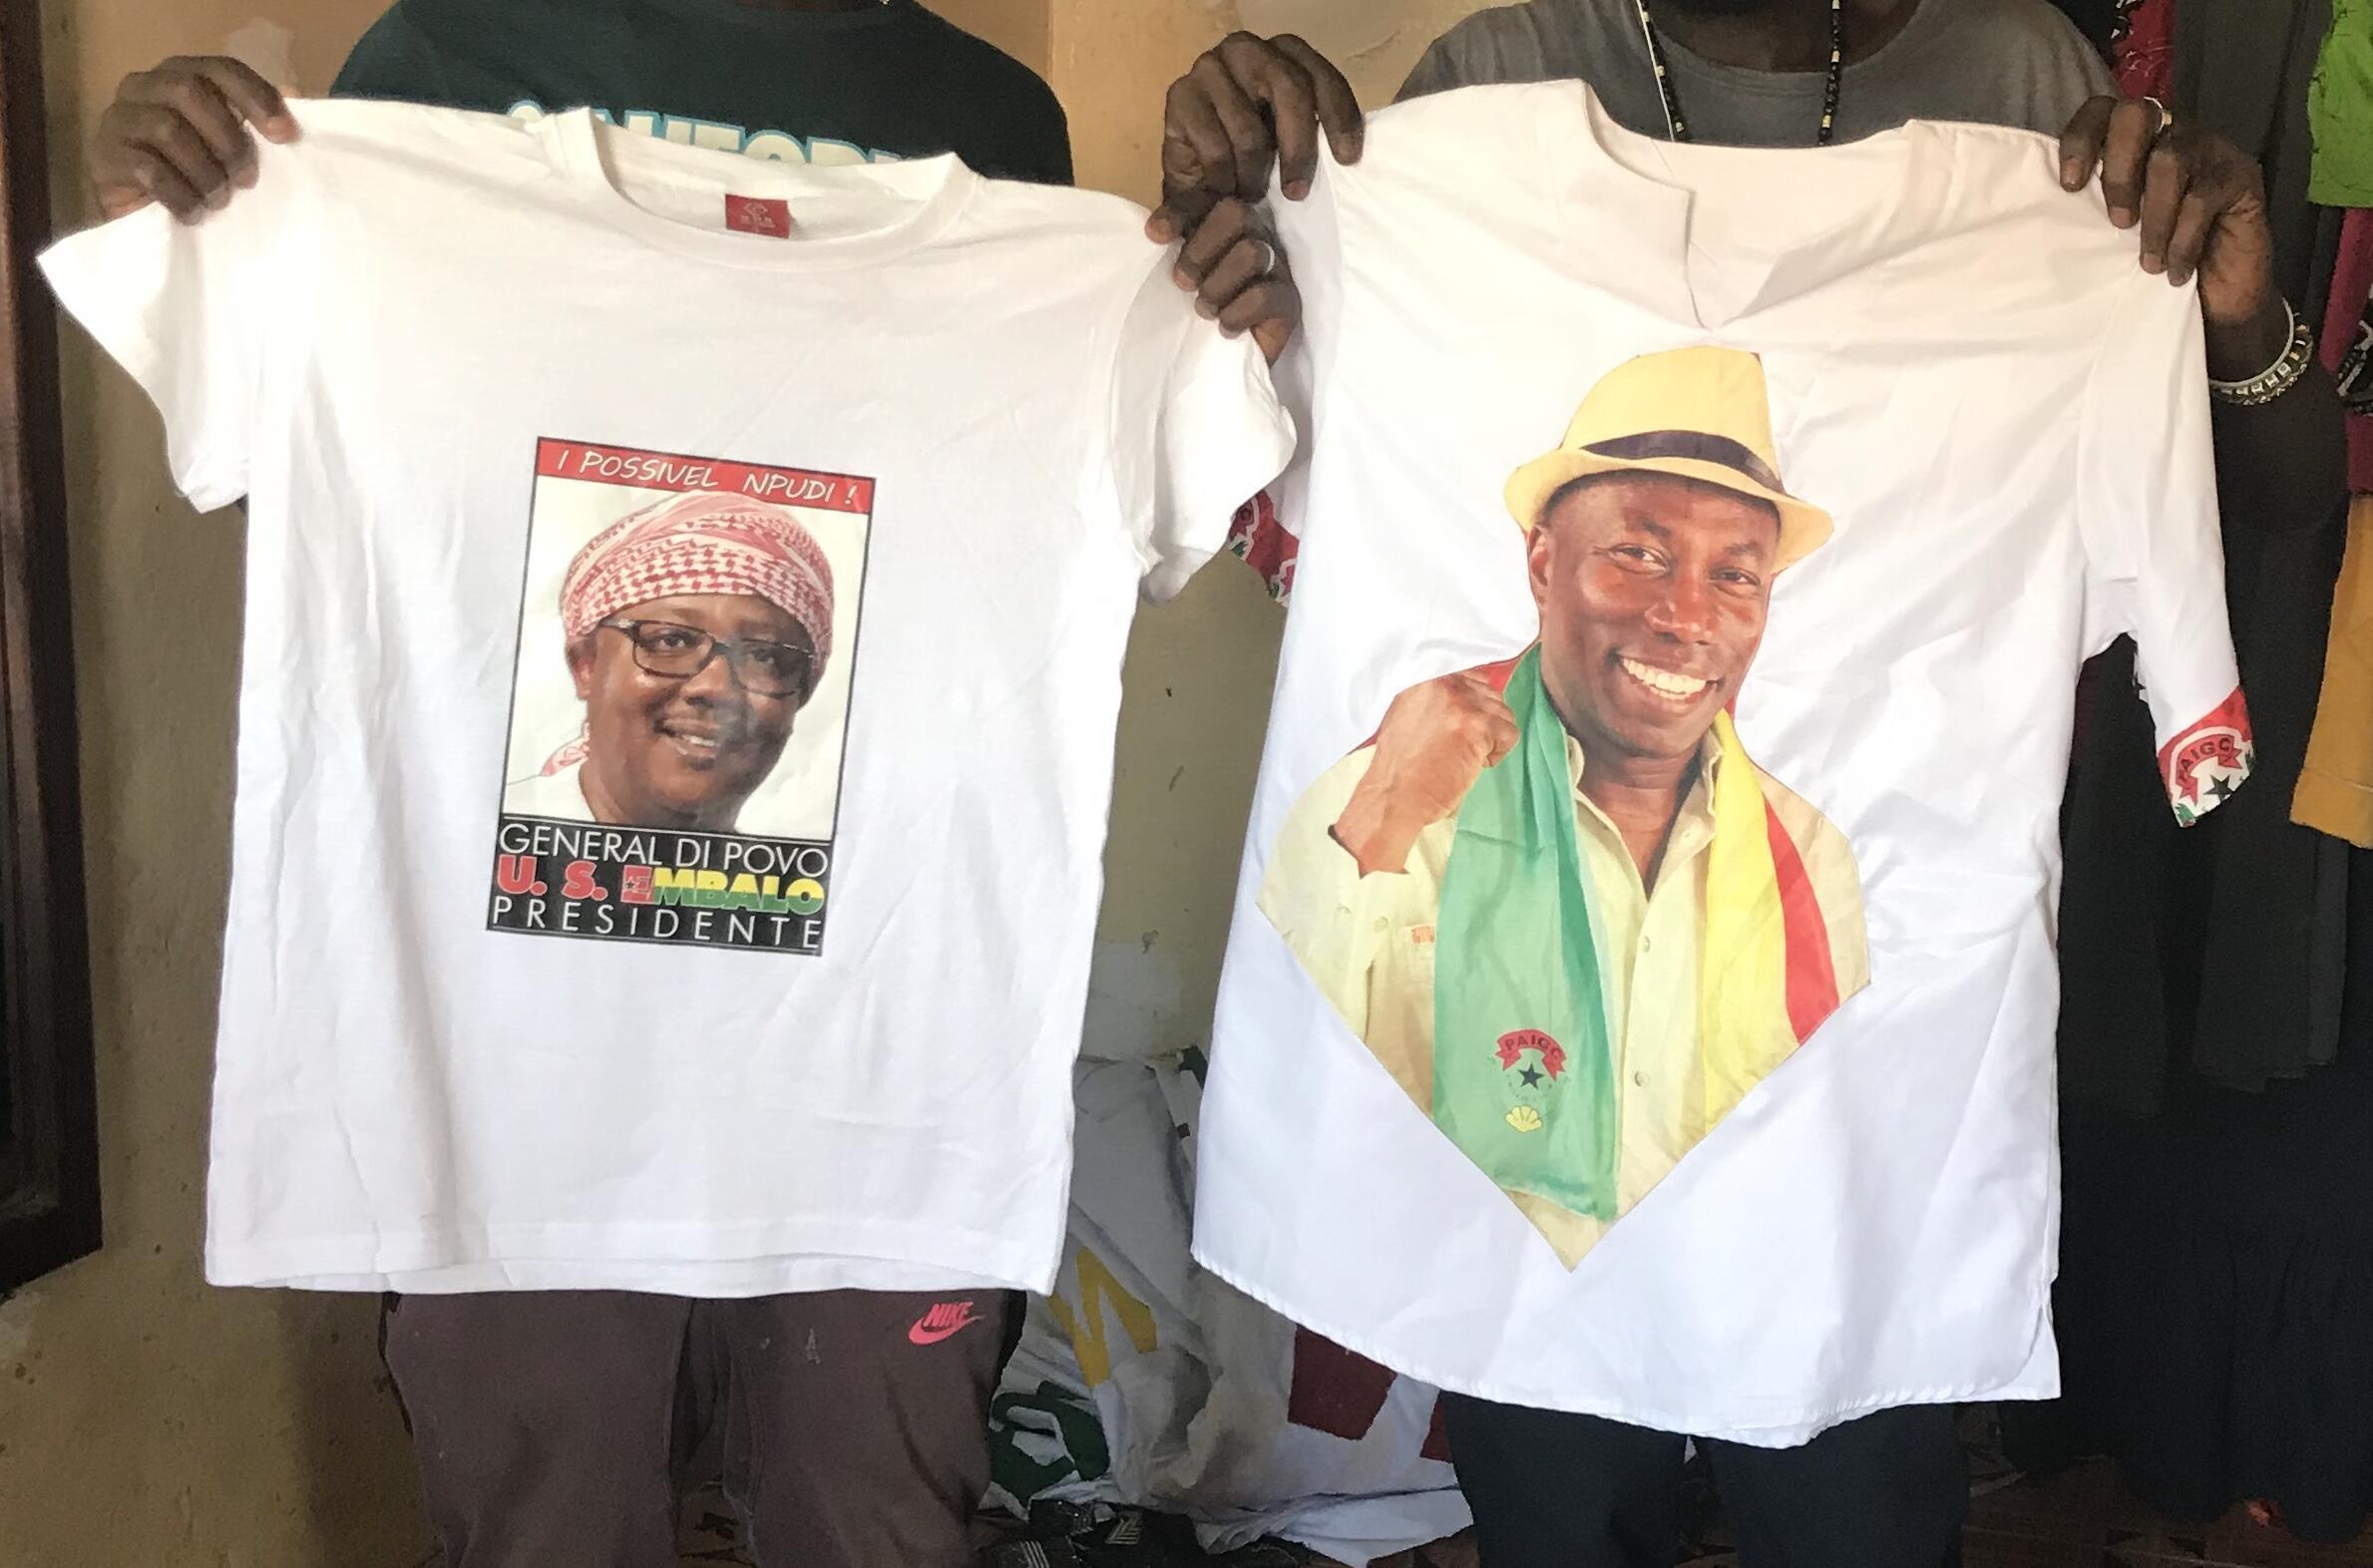 Candidatos Presidenciais Guiné-Bissau